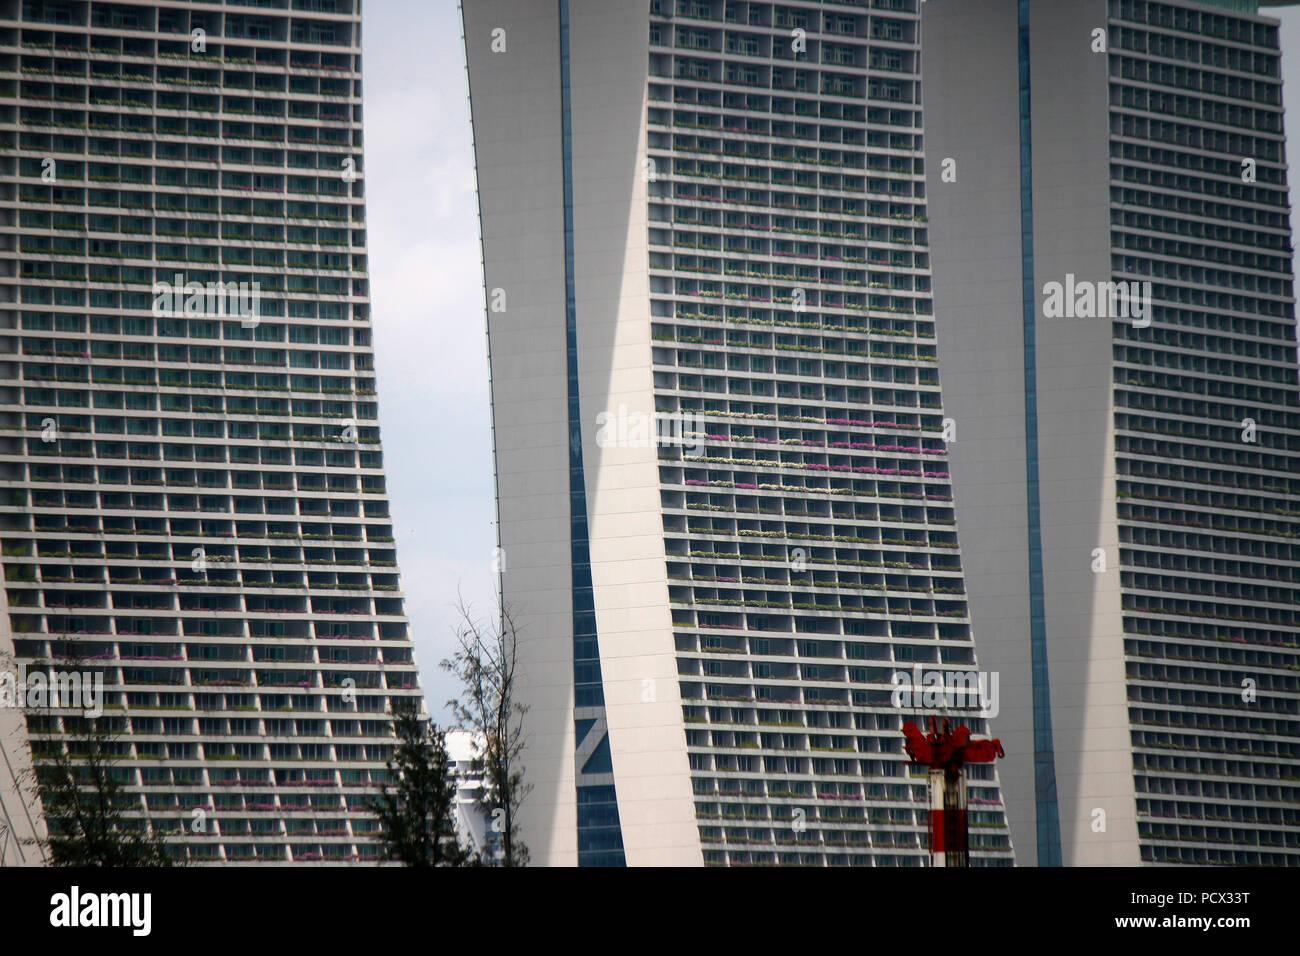 Marina Bay Sands, Singapur. - Stock Image